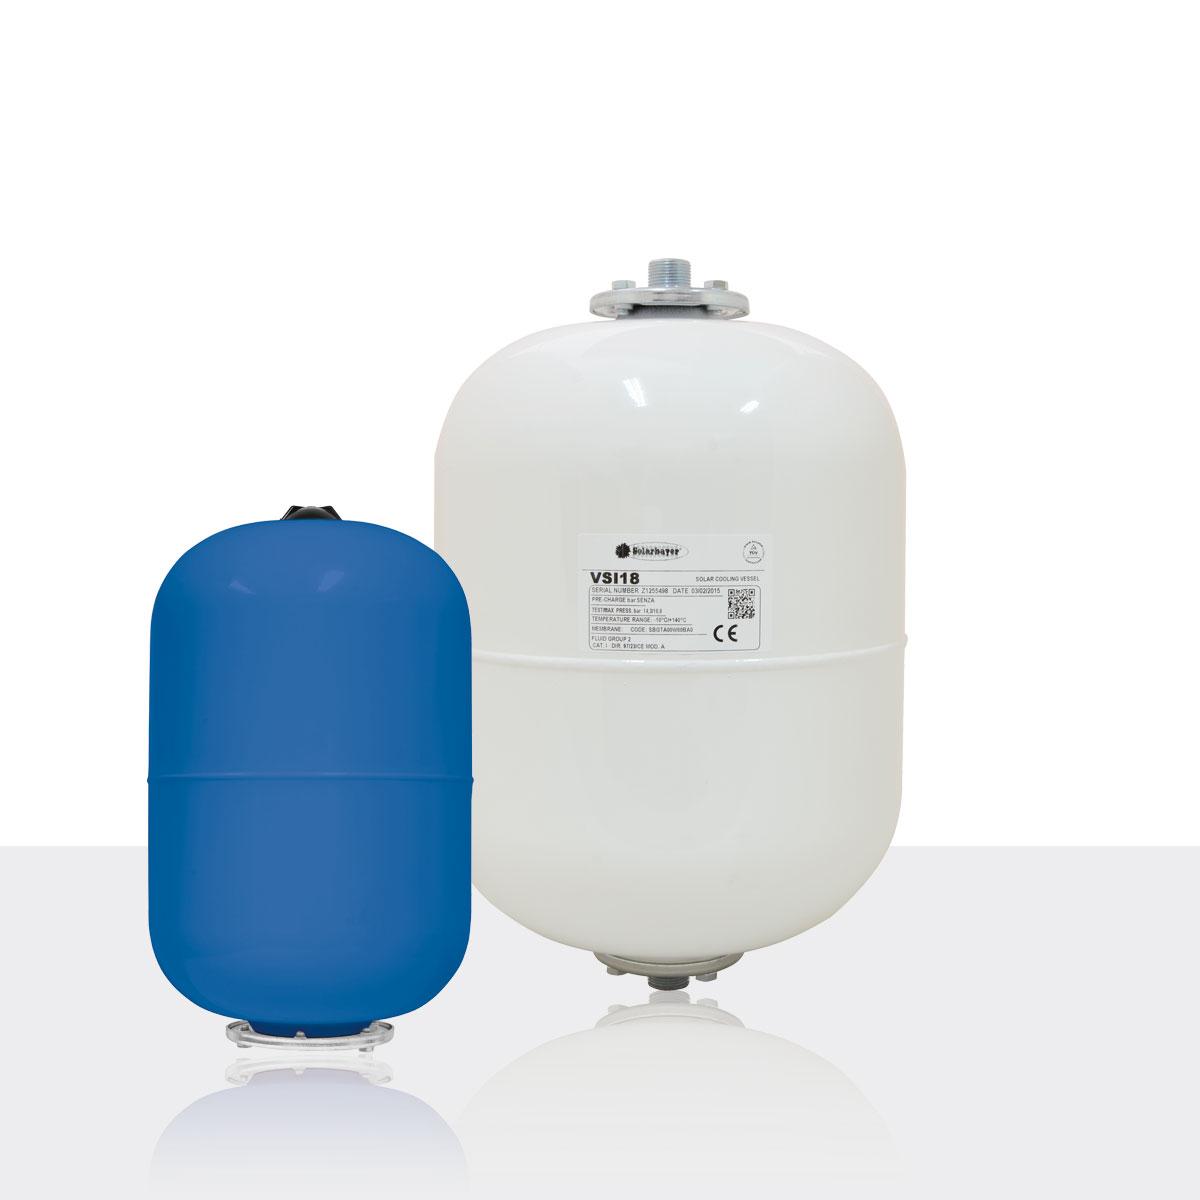 Membran Ausdehnungsgefäß Druckausdehnungsgefäß 500 Liter Heizung